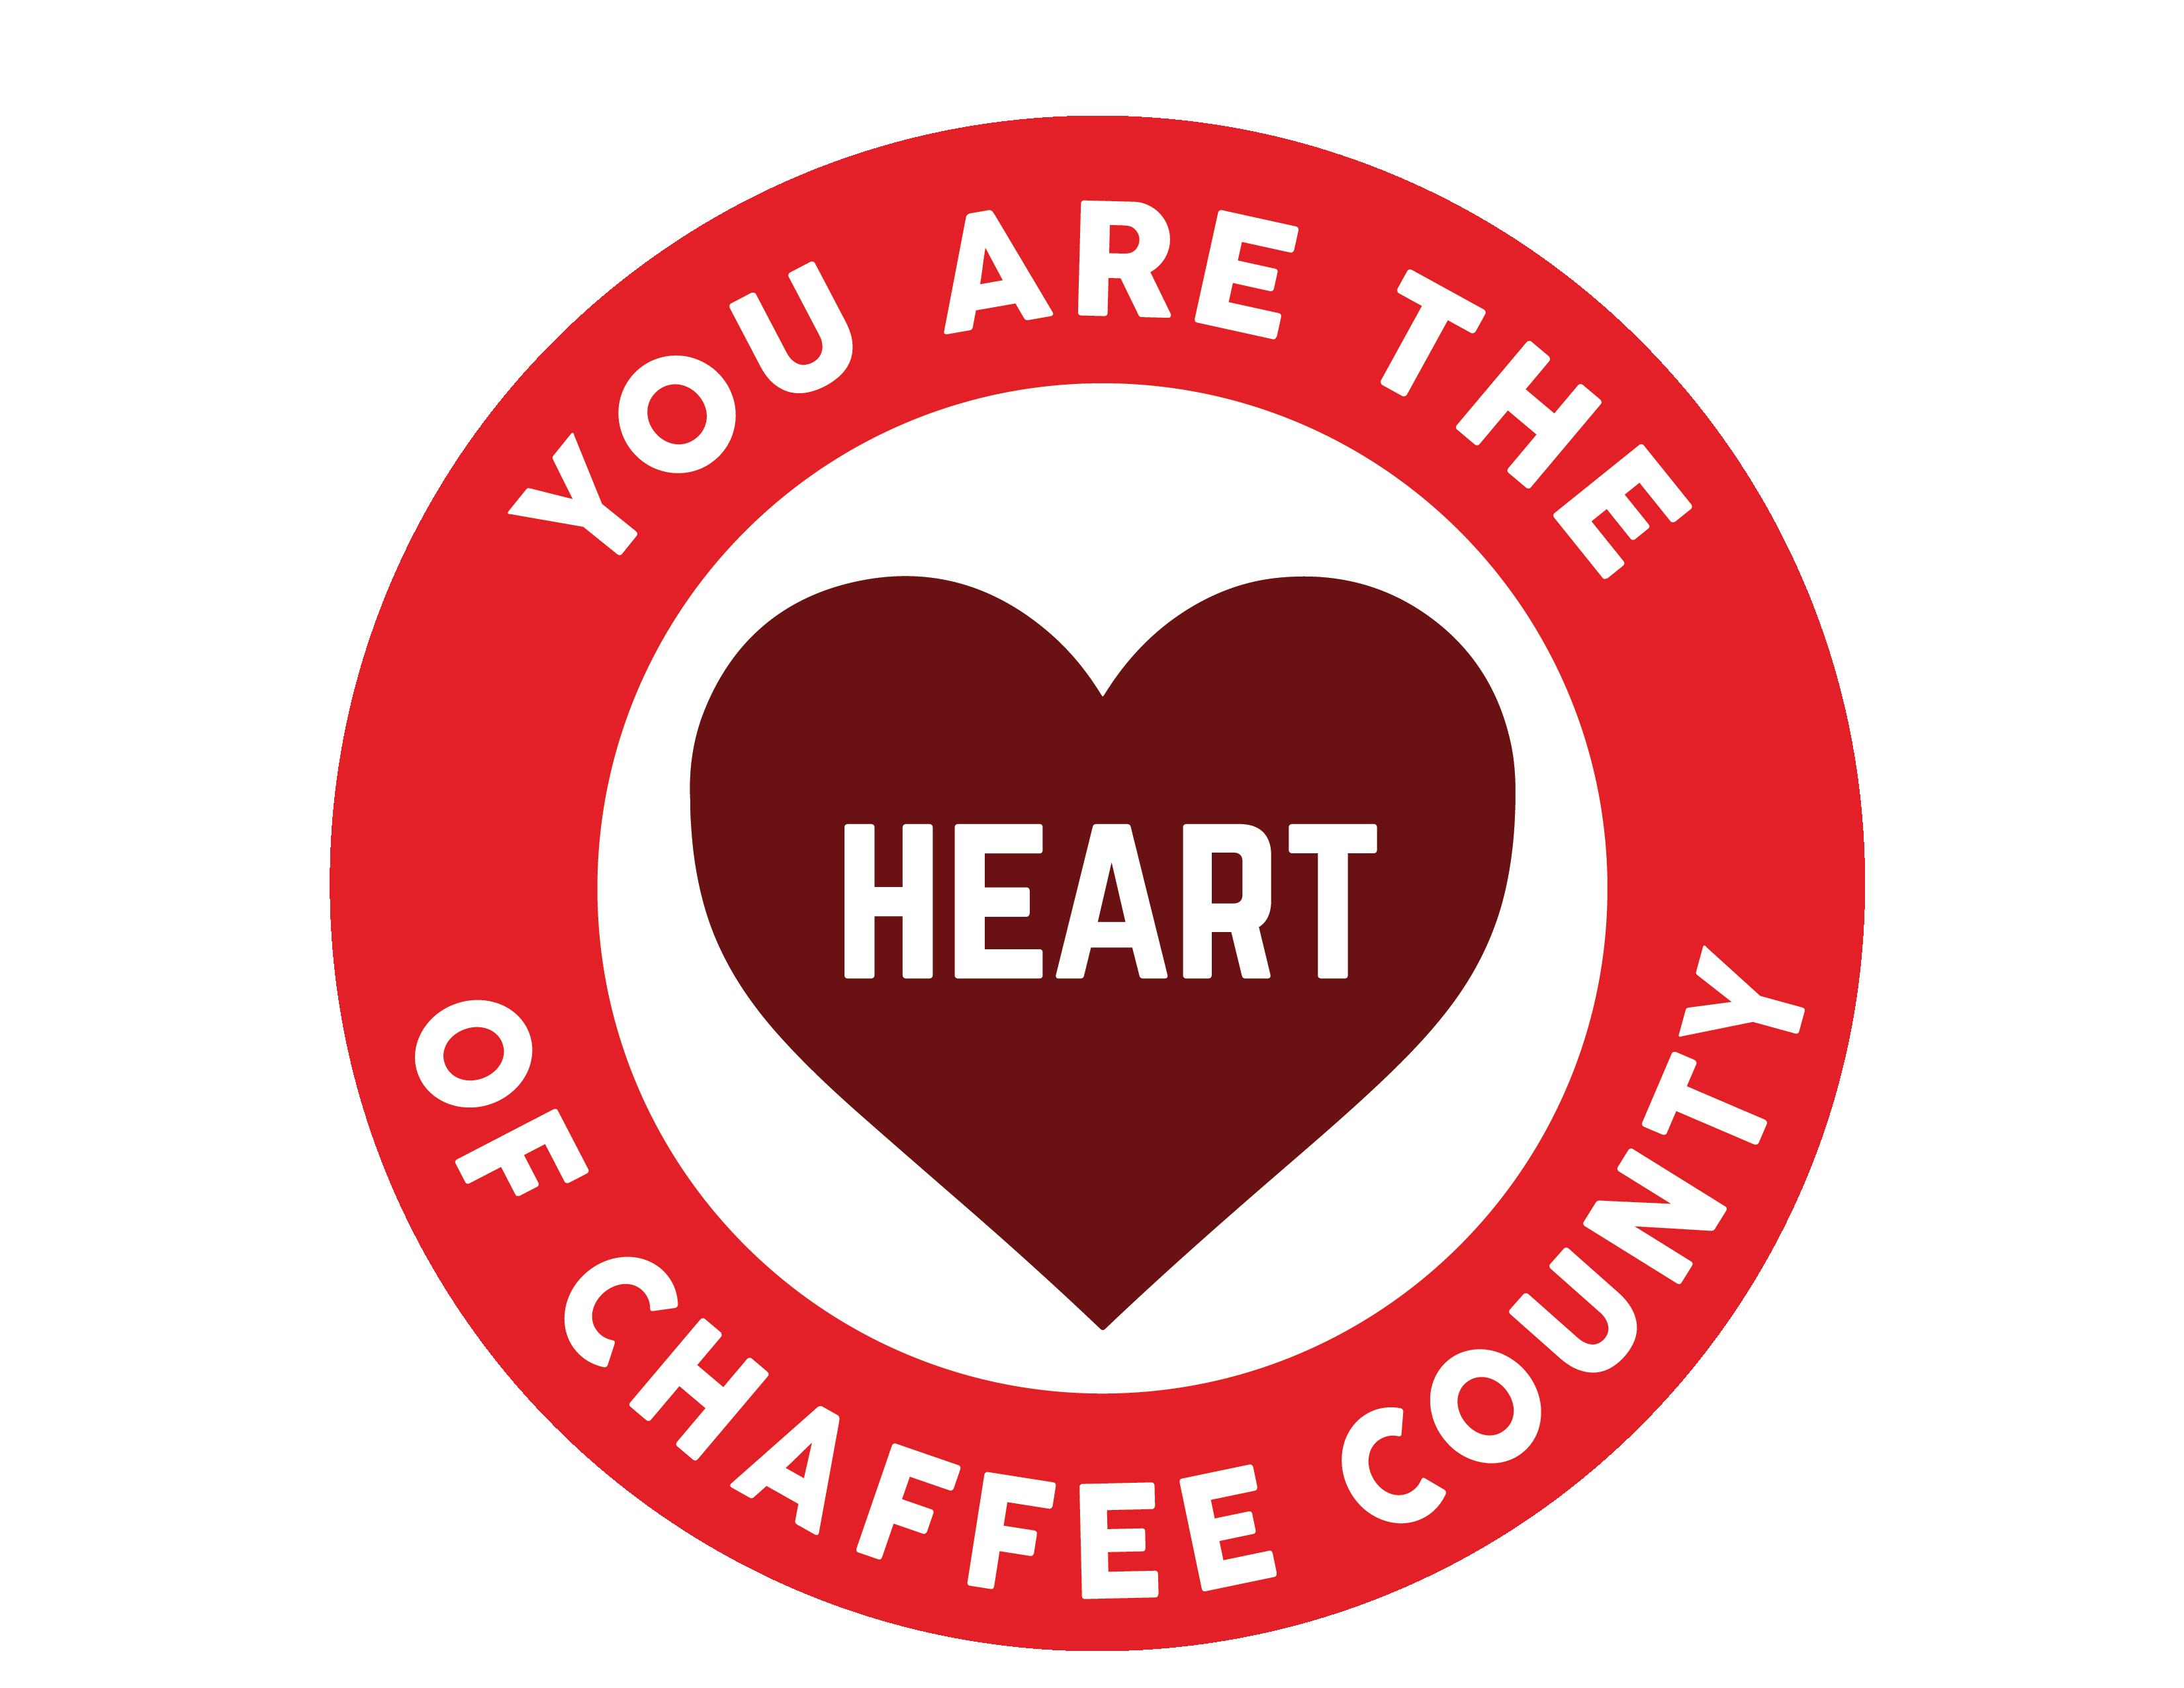 Chaffee's Got Heart Logo